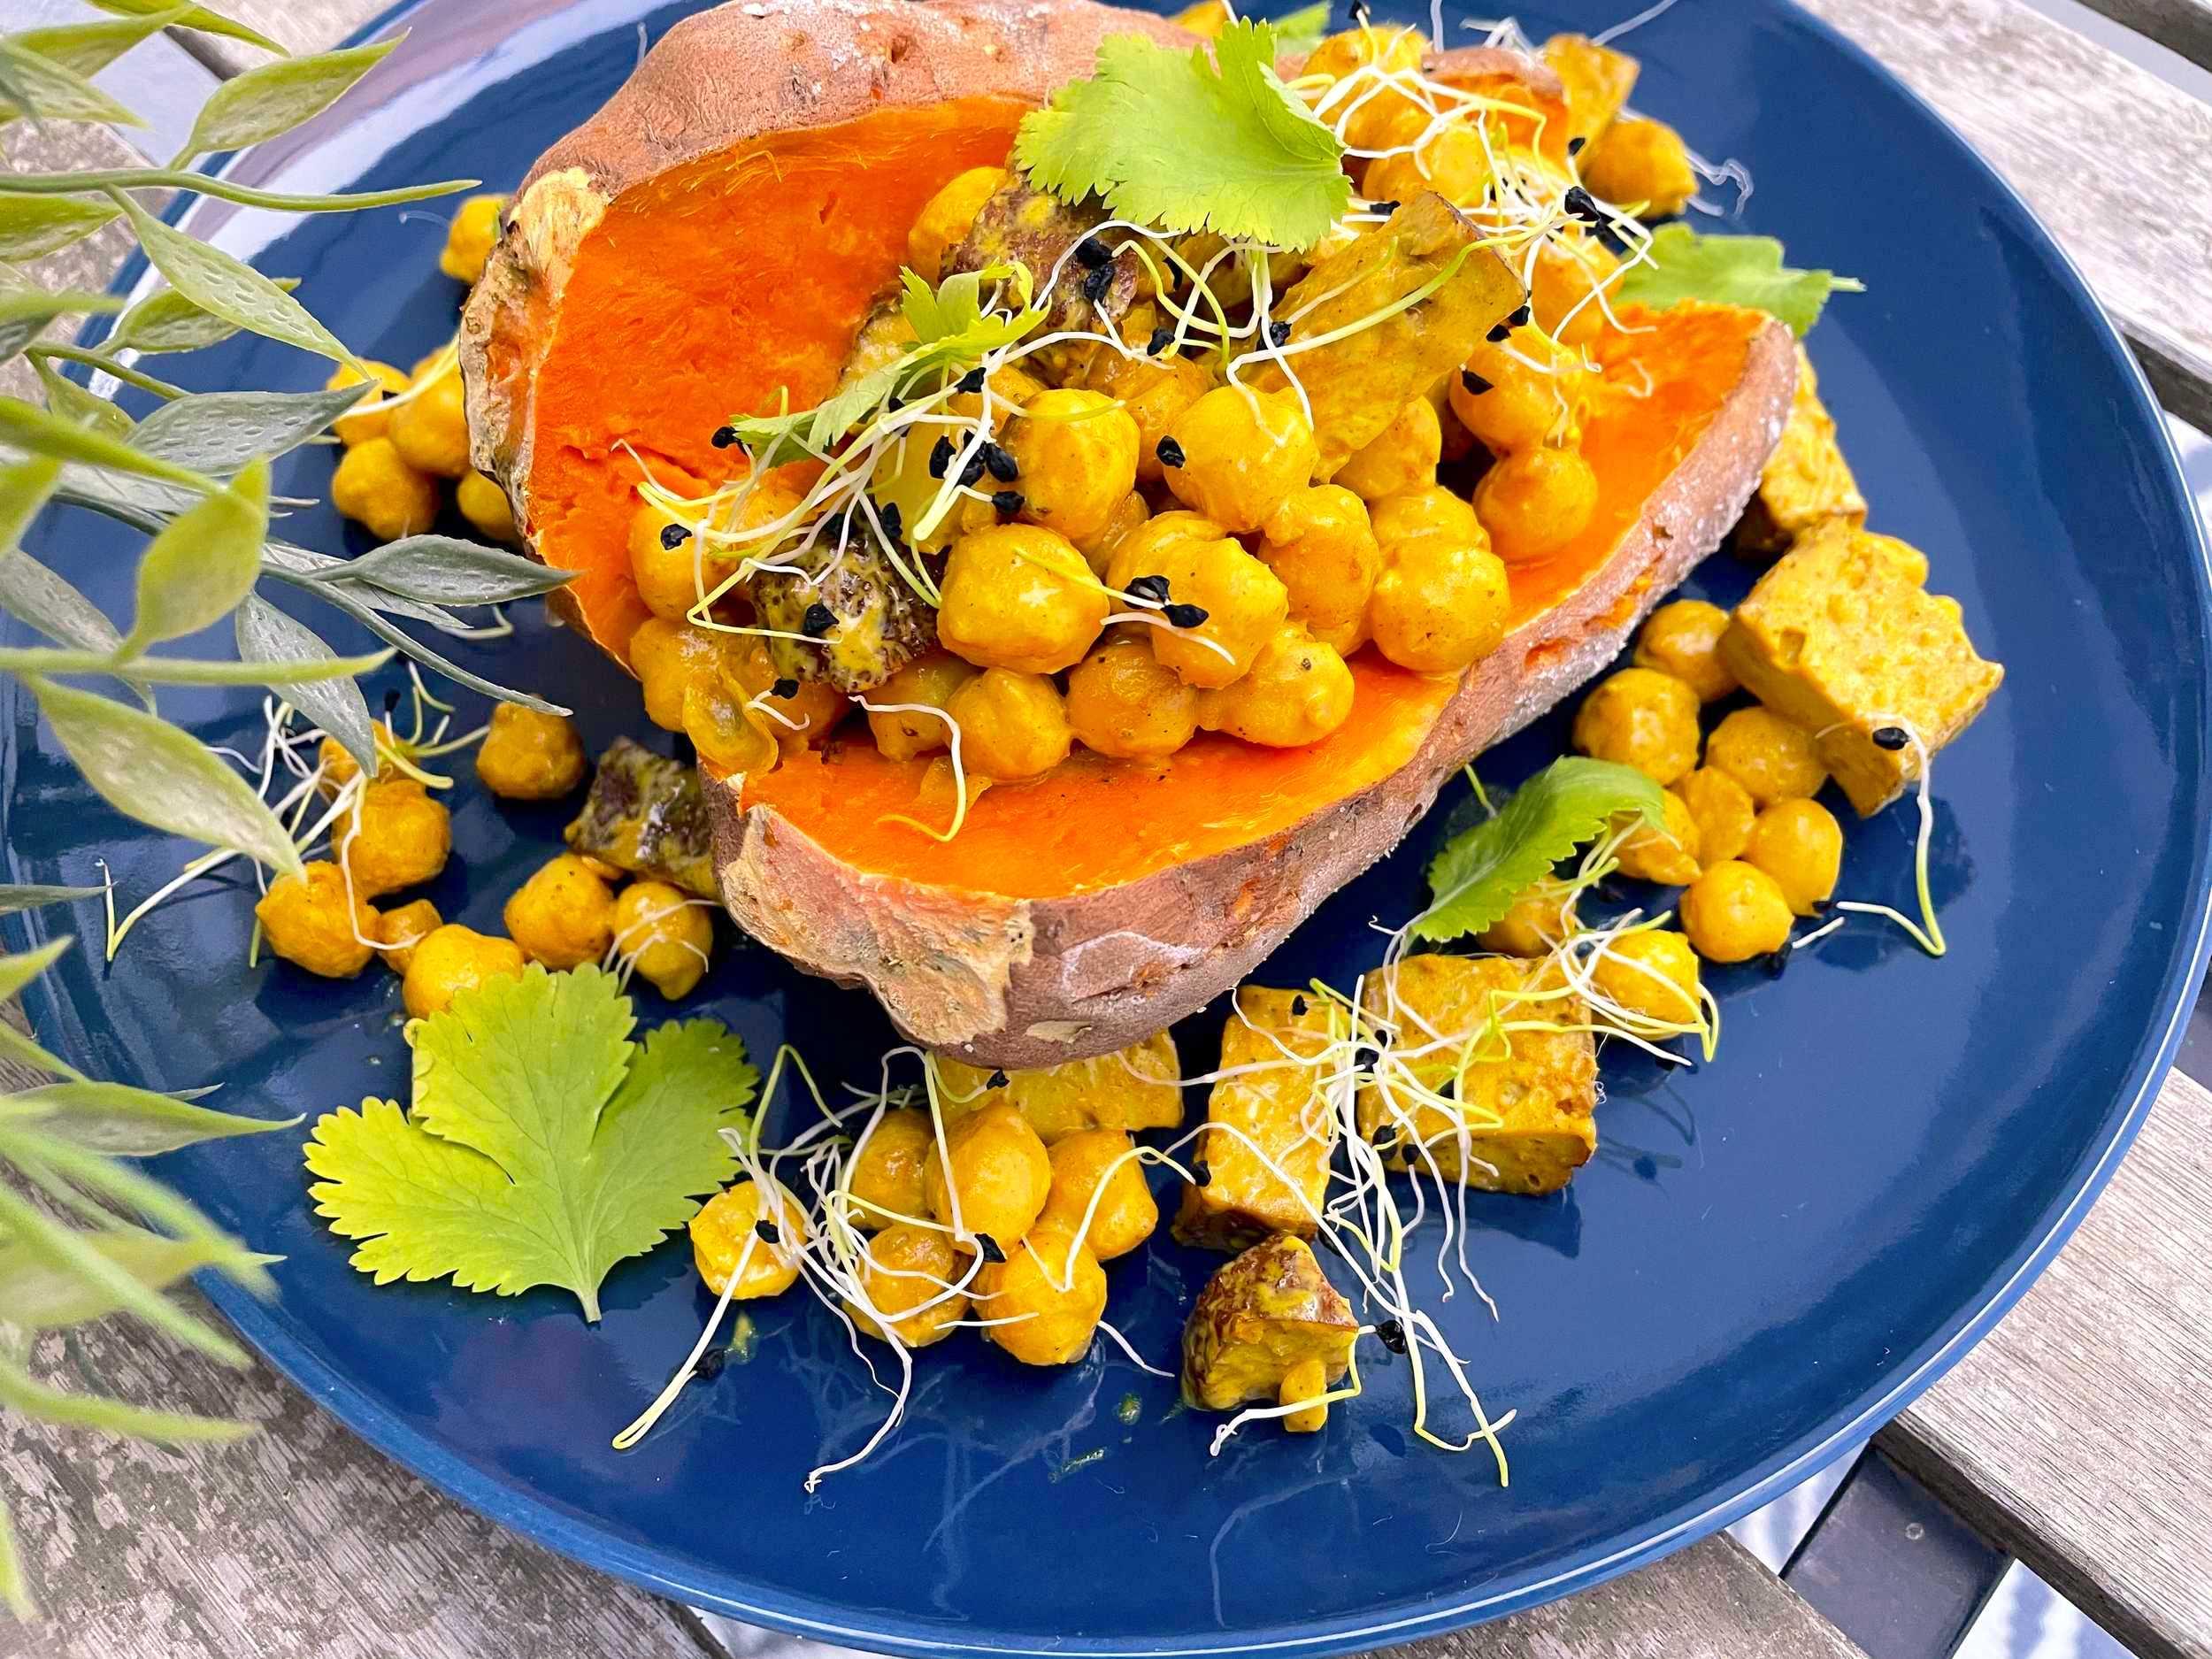 Sur une assiette bleue, la patate douce est fourrée par le mélange pois chiches et seitan. La coriandre fraîche est parsemée sur le dessus.